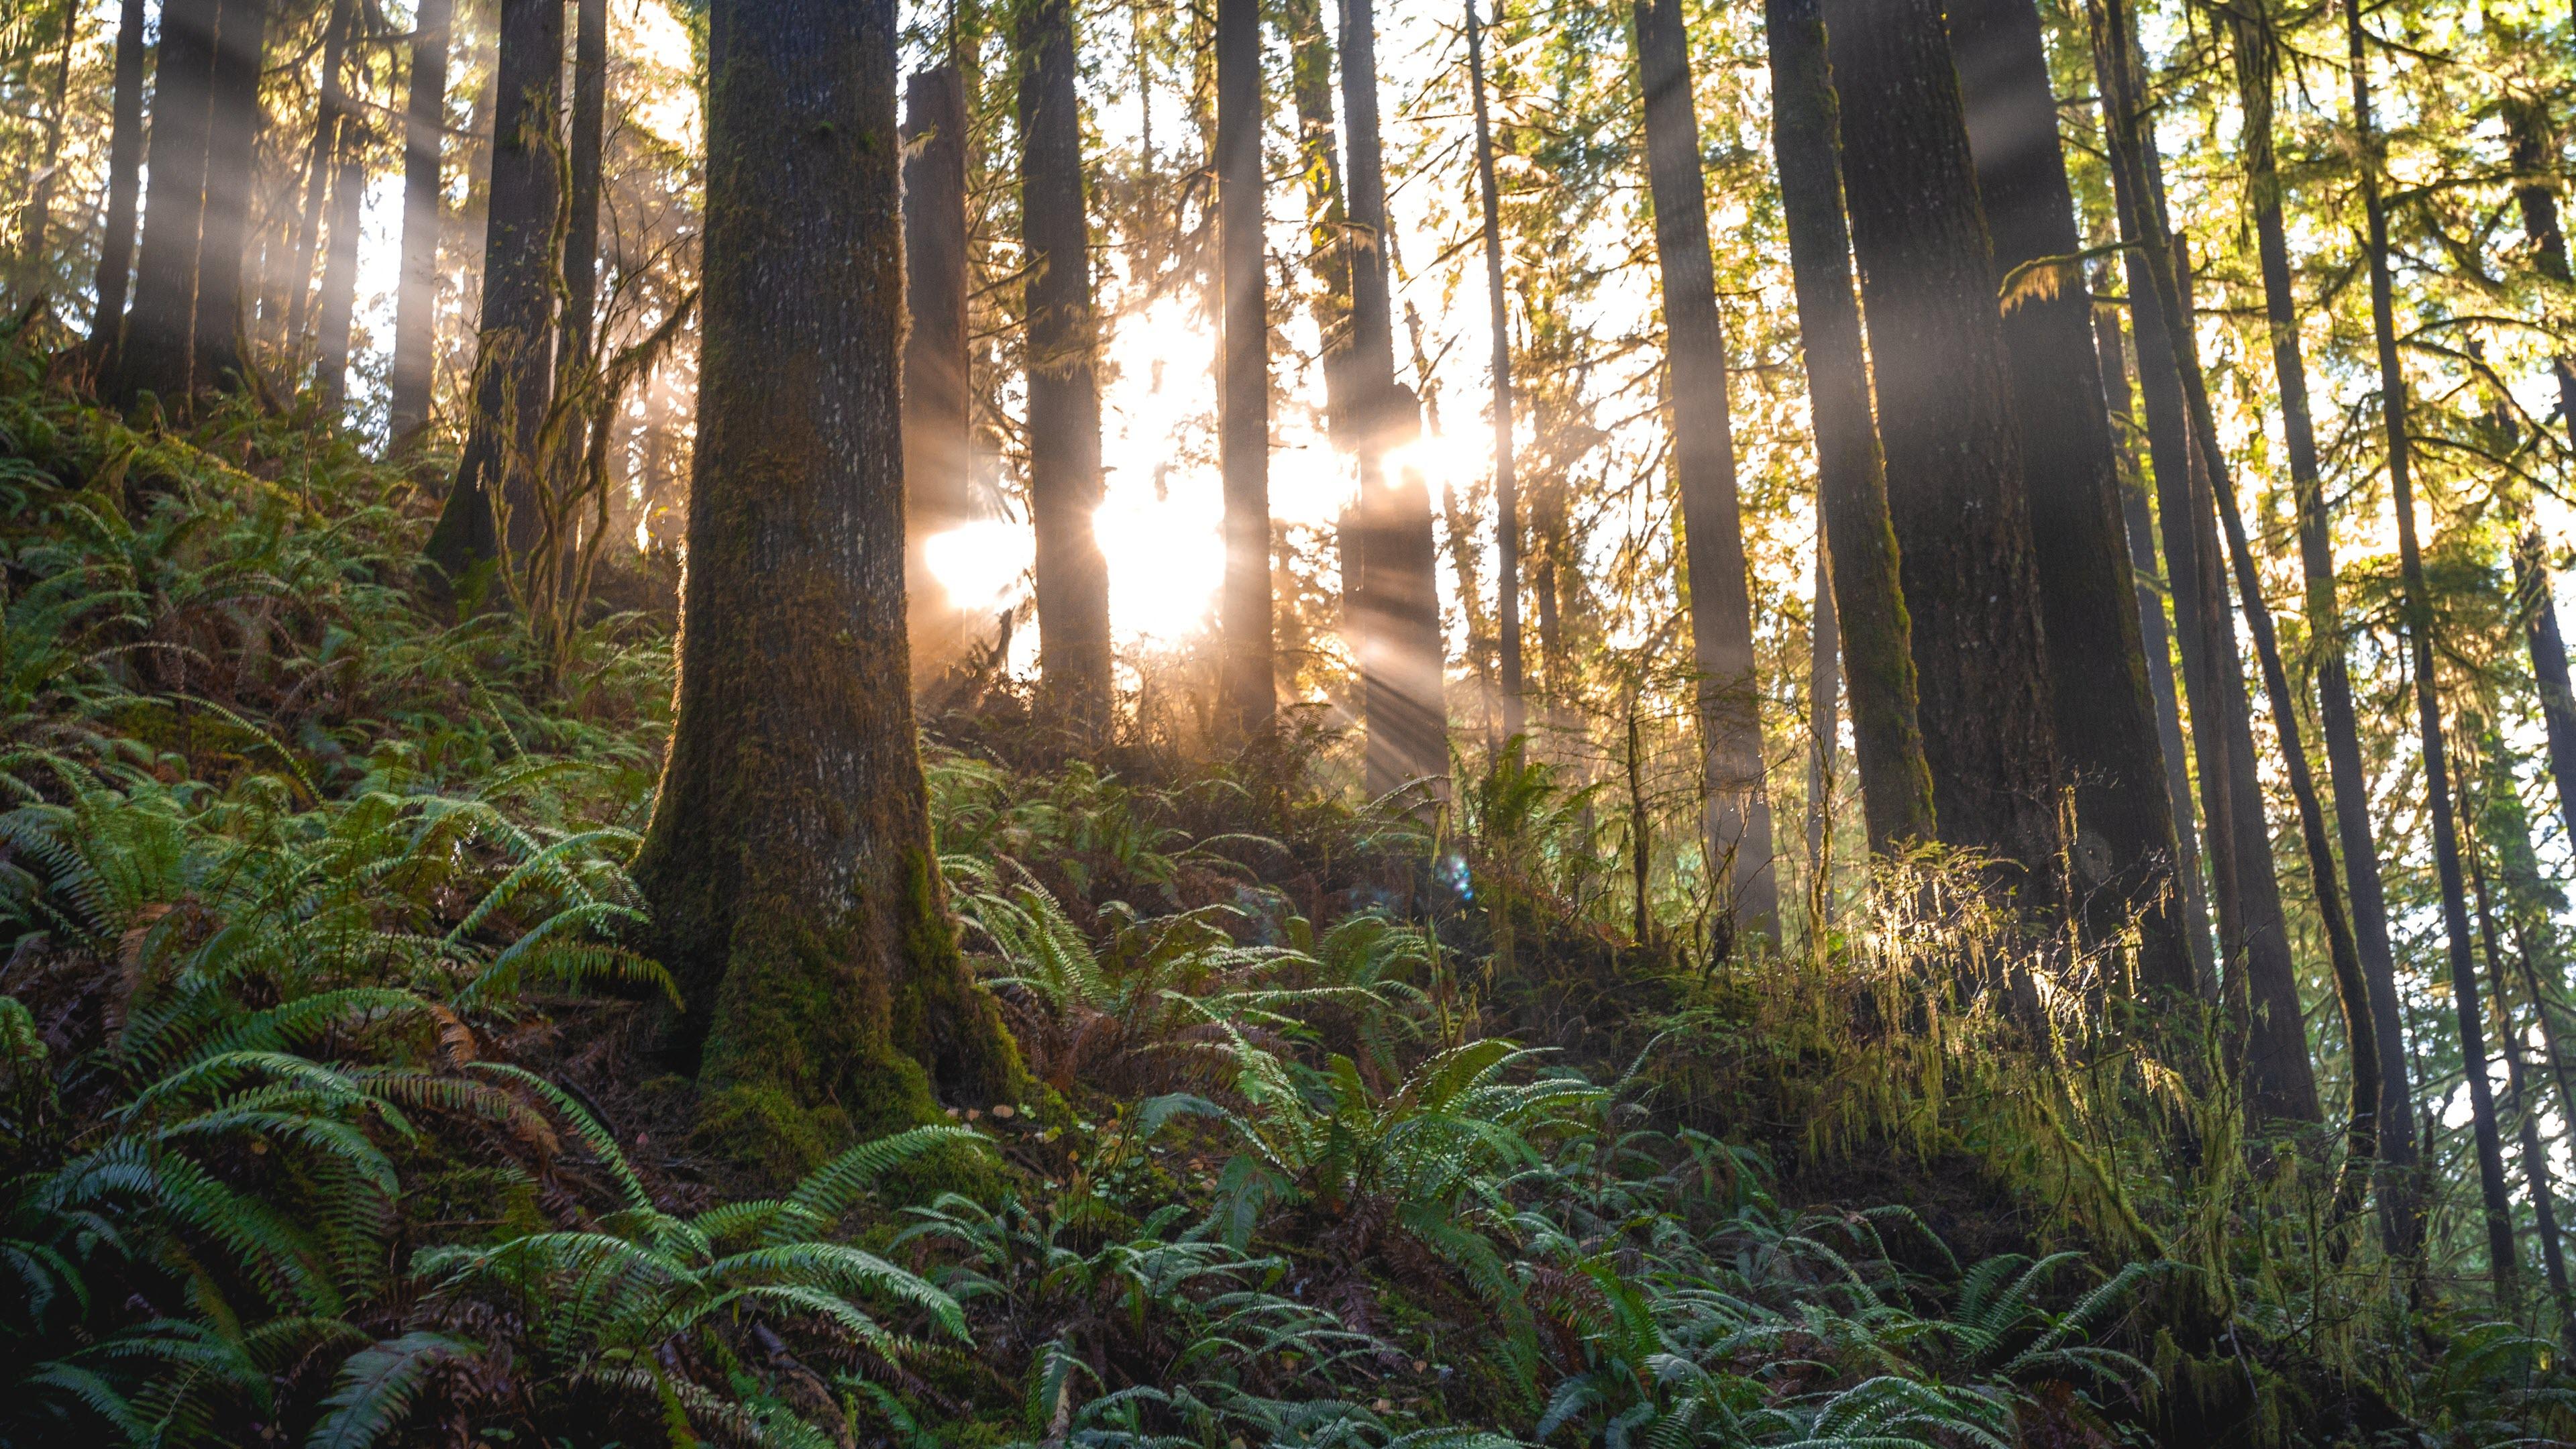 Hình nền khu rừng 4K